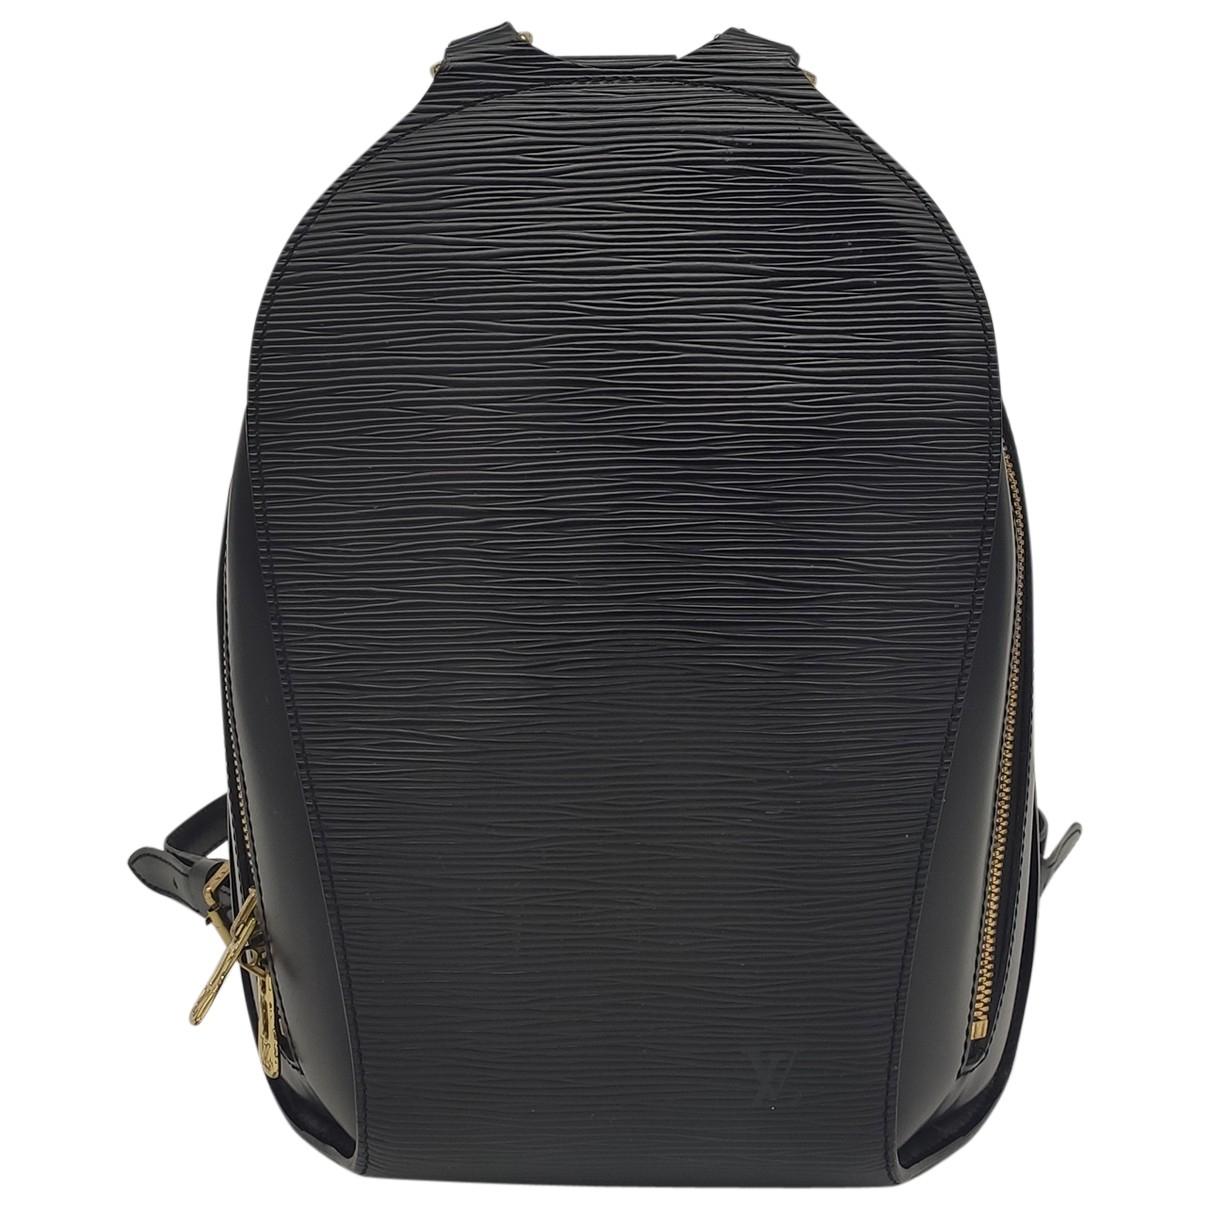 Louis Vuitton - Sac a dos Mabillon pour femme en cuir - noir